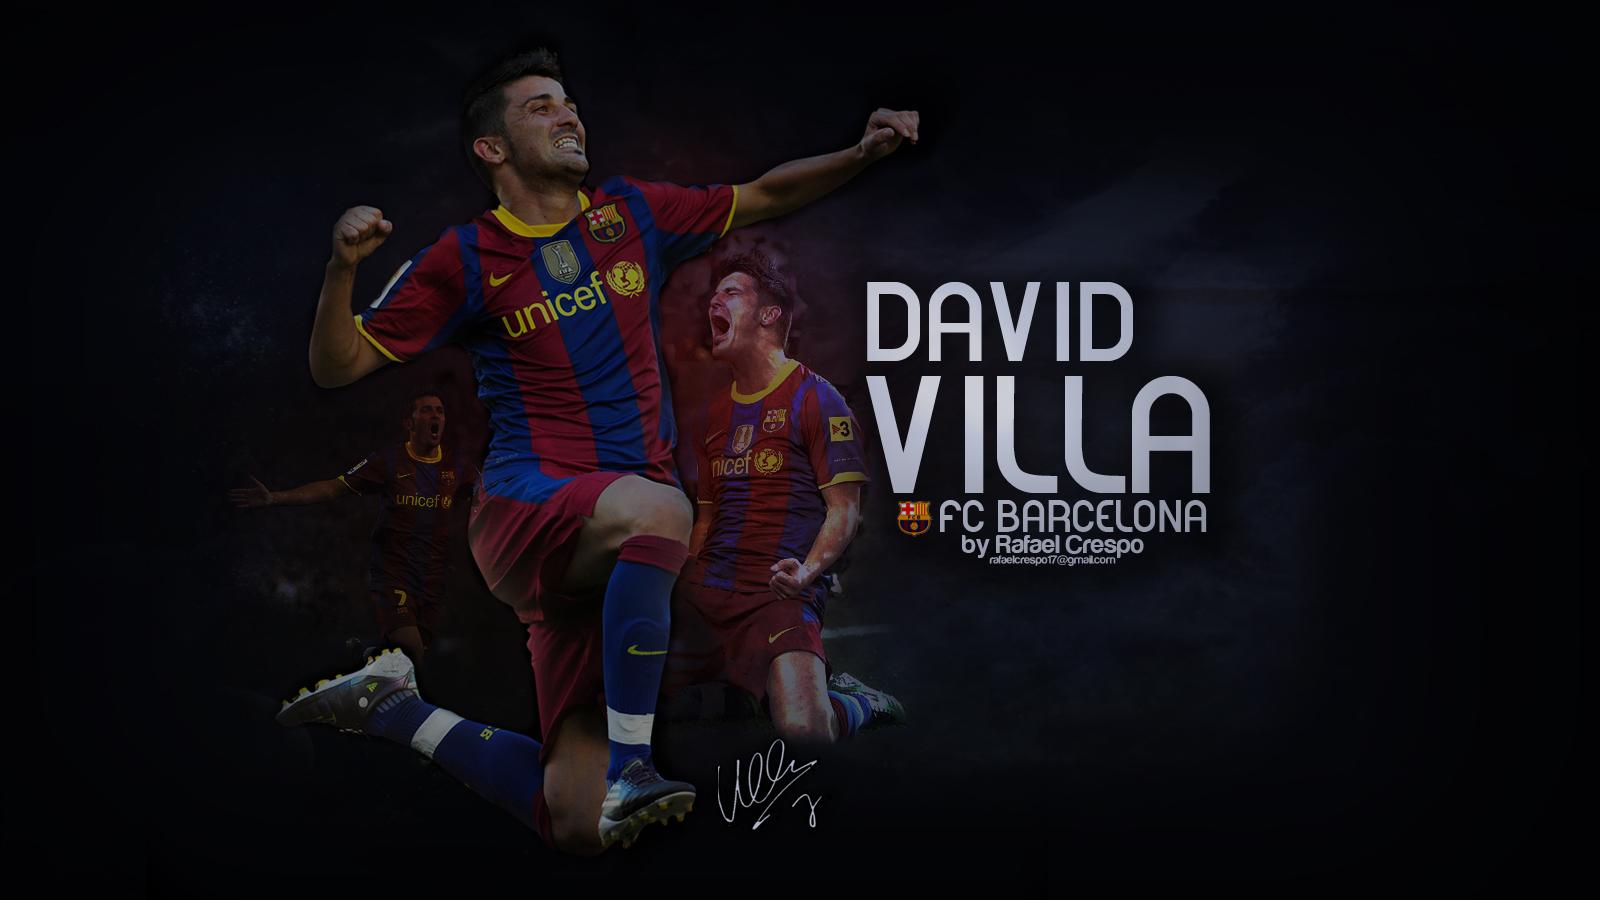 david villa wallpaper by r crespo on deviantART 1600x900